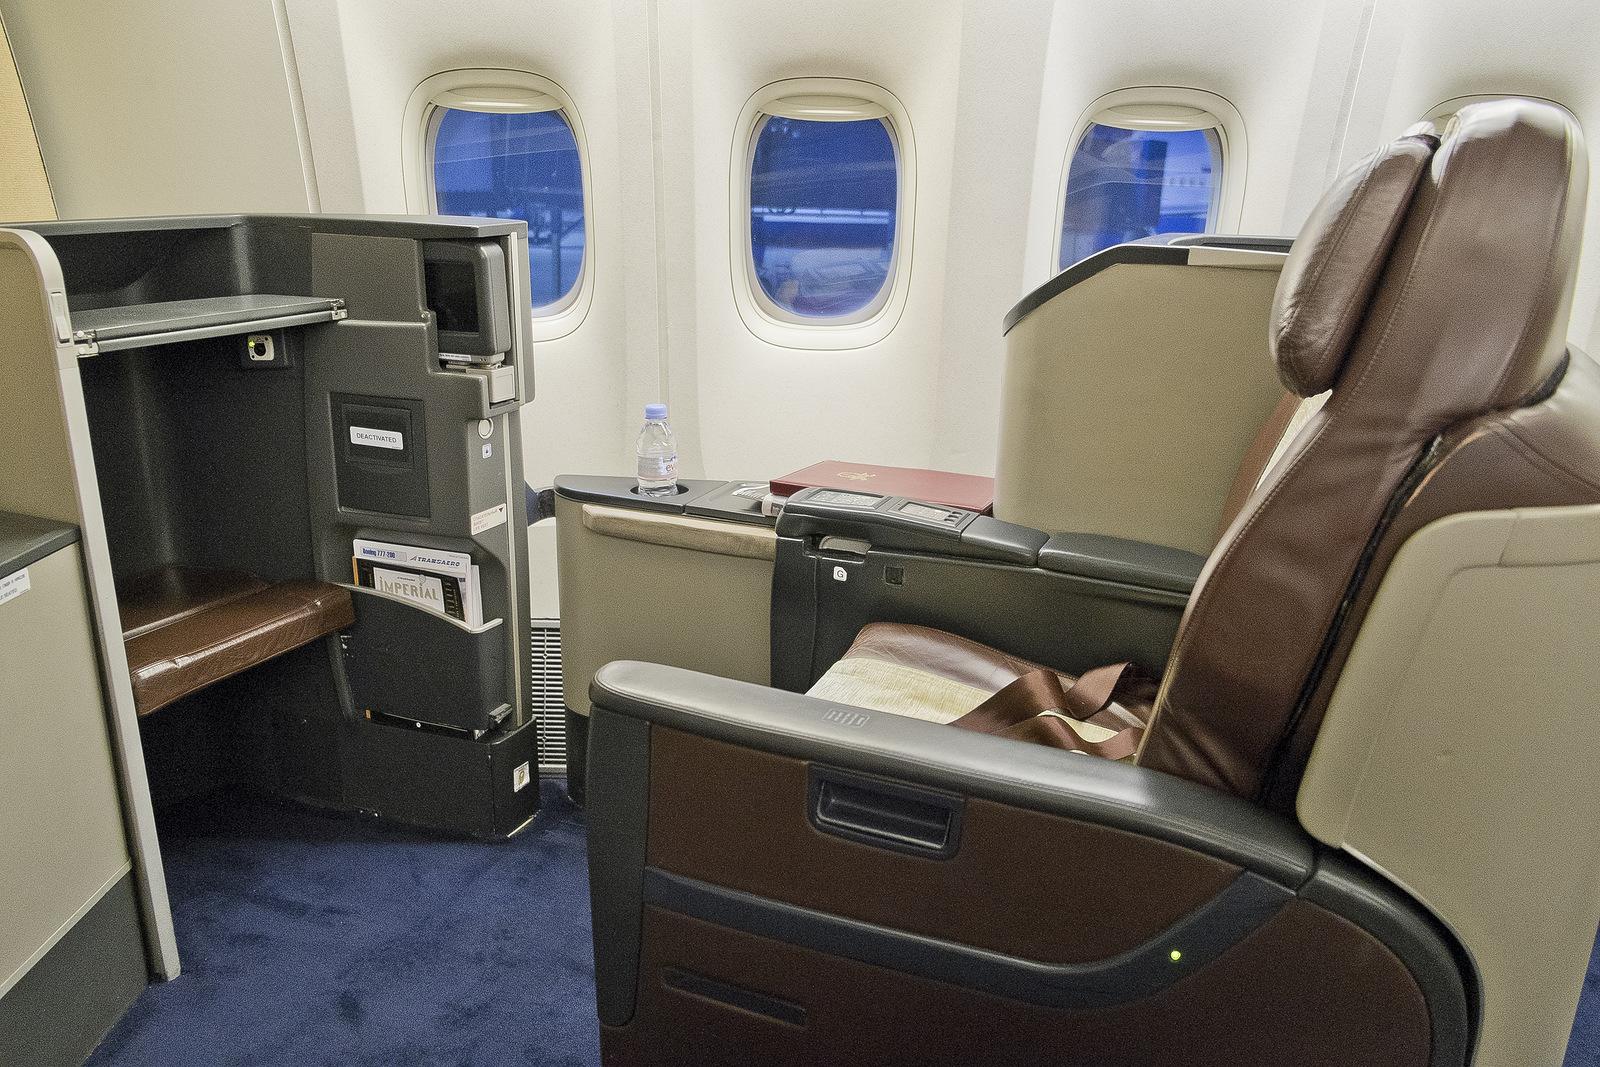 яркая империал класс в самолете фото никитин является одним